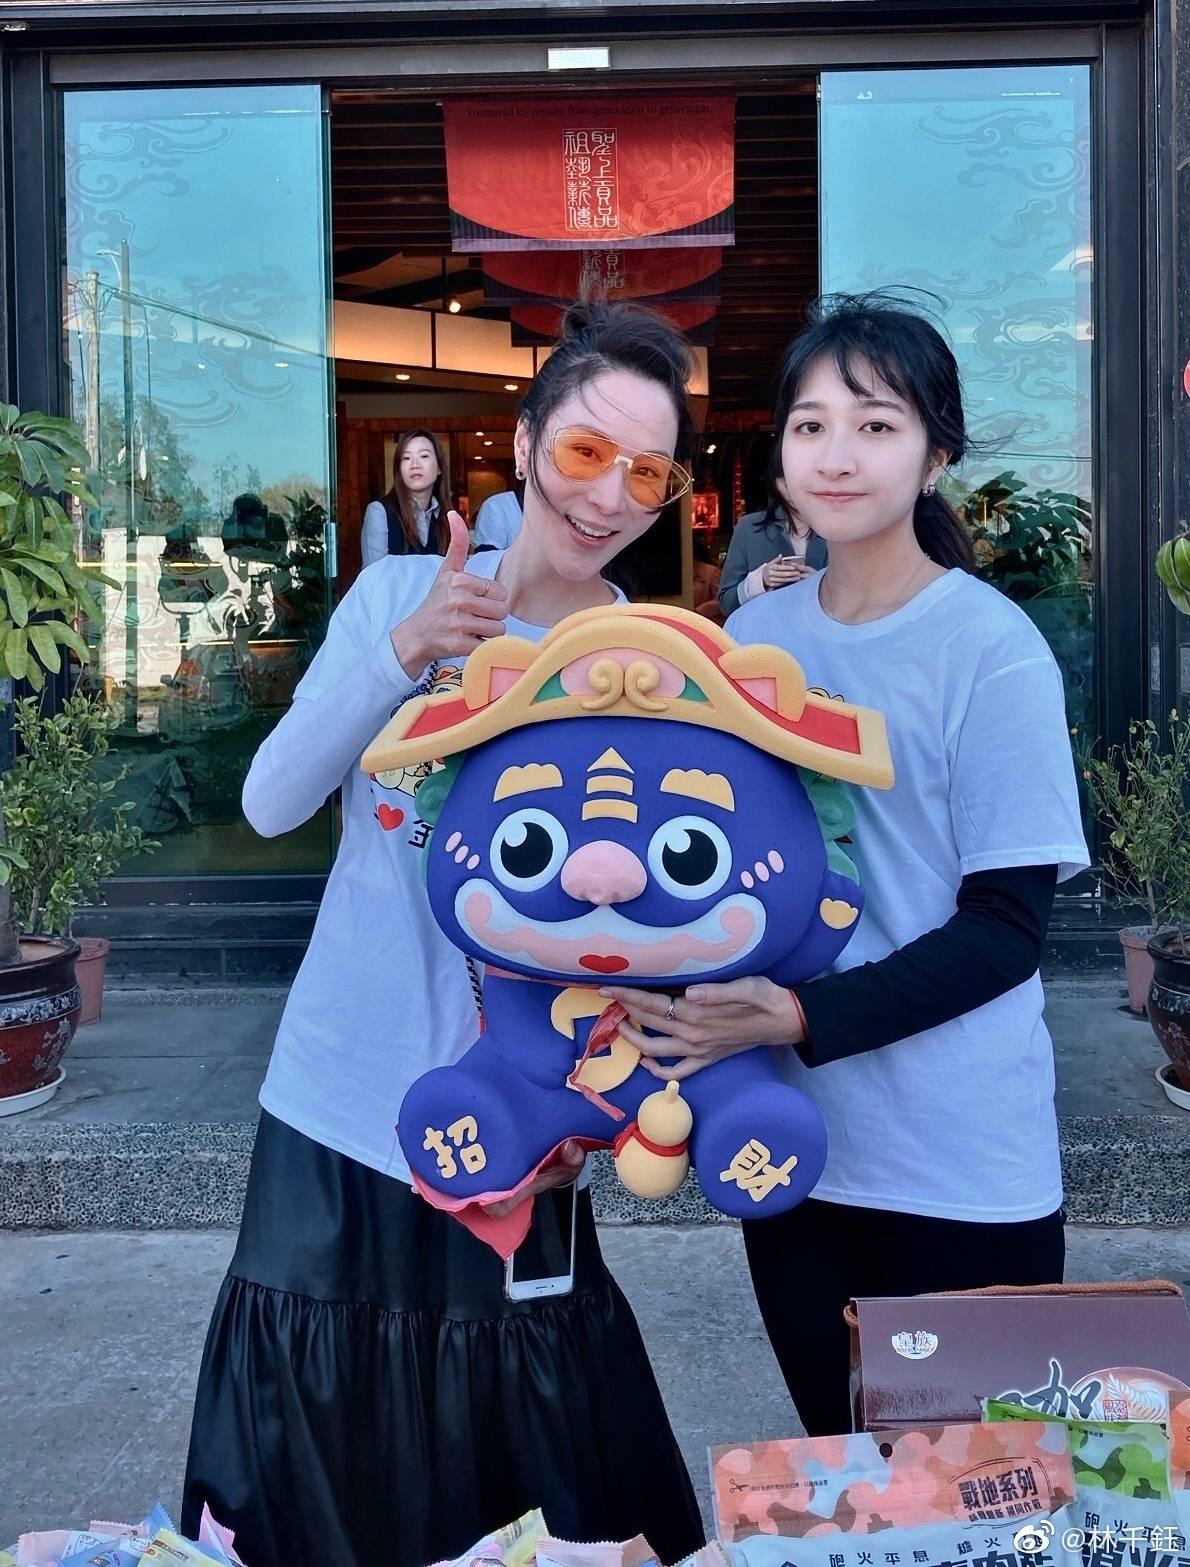 53岁童年男神焦恩俊与老婆断联2年多,星二代林千鈺称仍未签字离婚  第10张